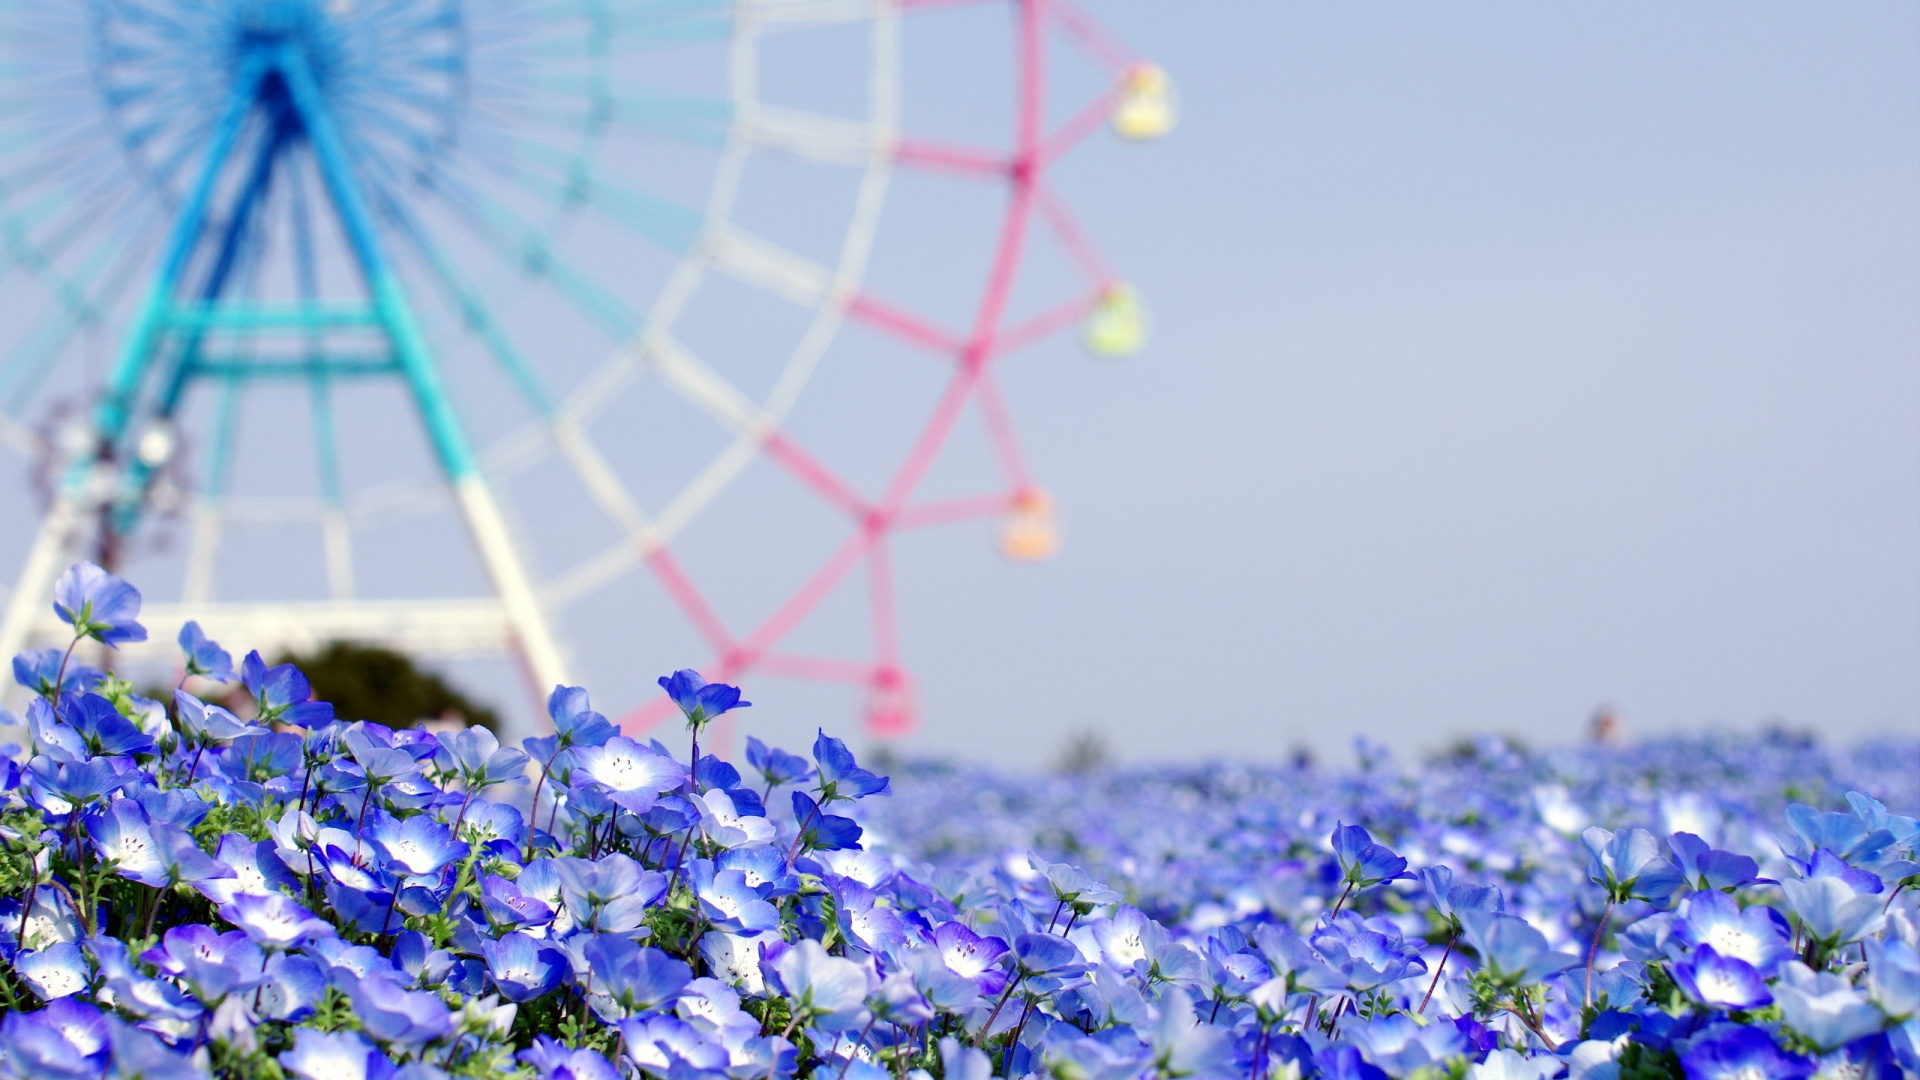 flower wallpaper tumblr 030